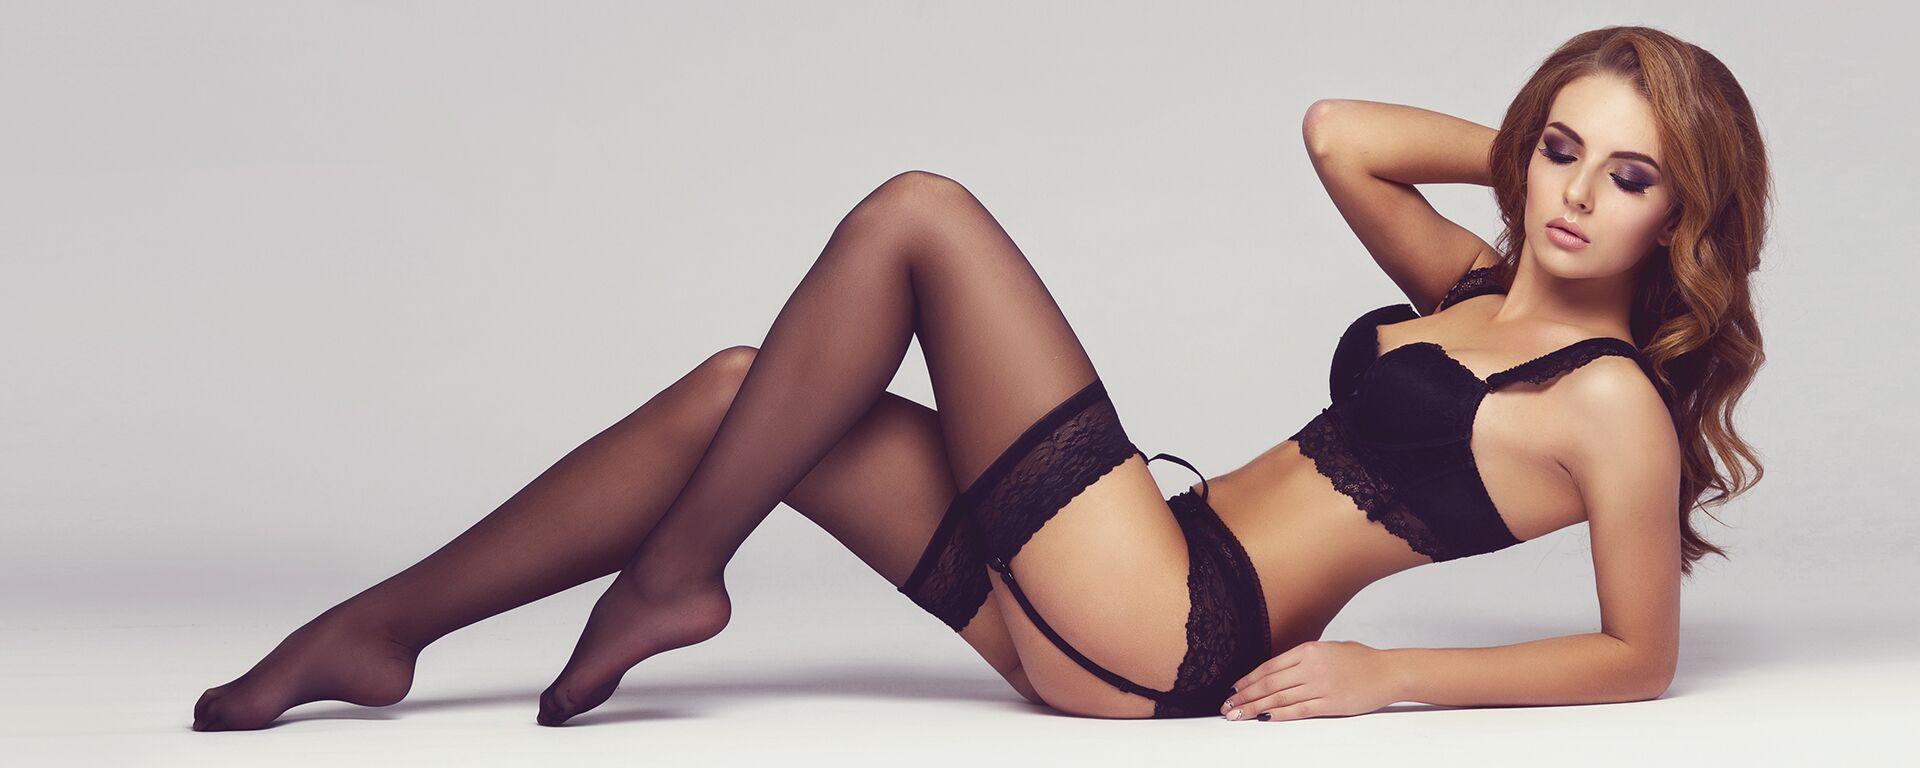 работа девушка модель нижнего белья в нижнем